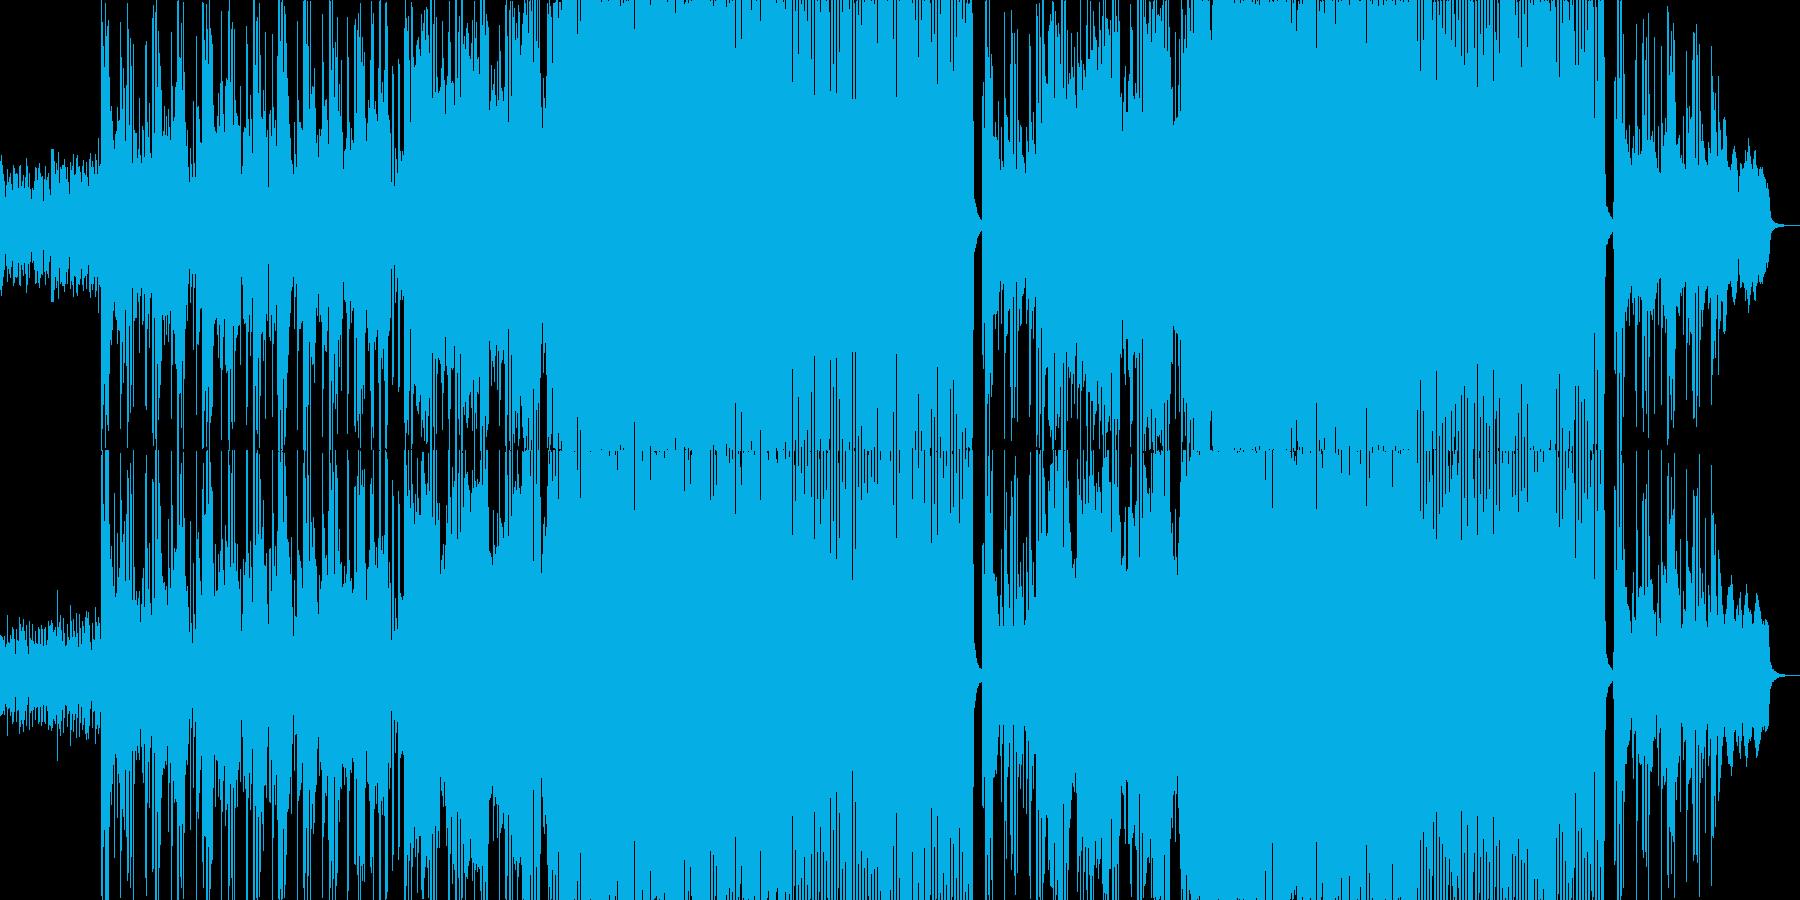 ダーク系女性ボーカルの再生済みの波形